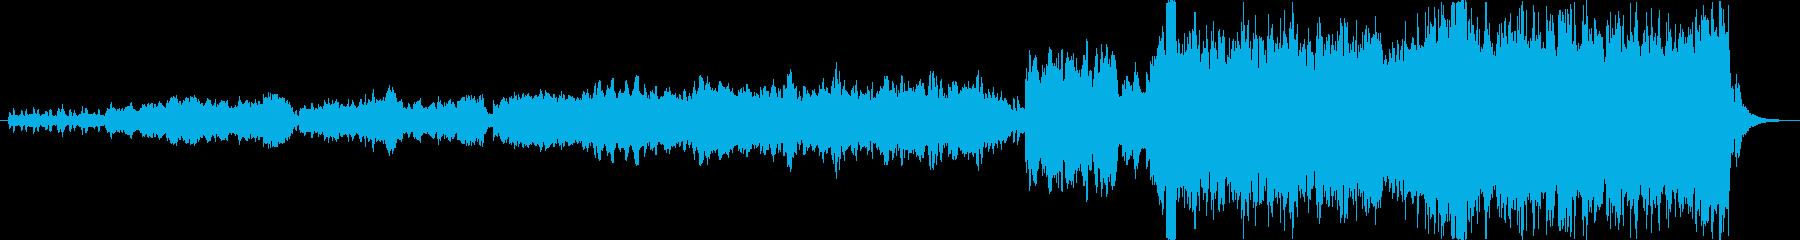 静かに盛り上がる感動的なオーケストラの再生済みの波形